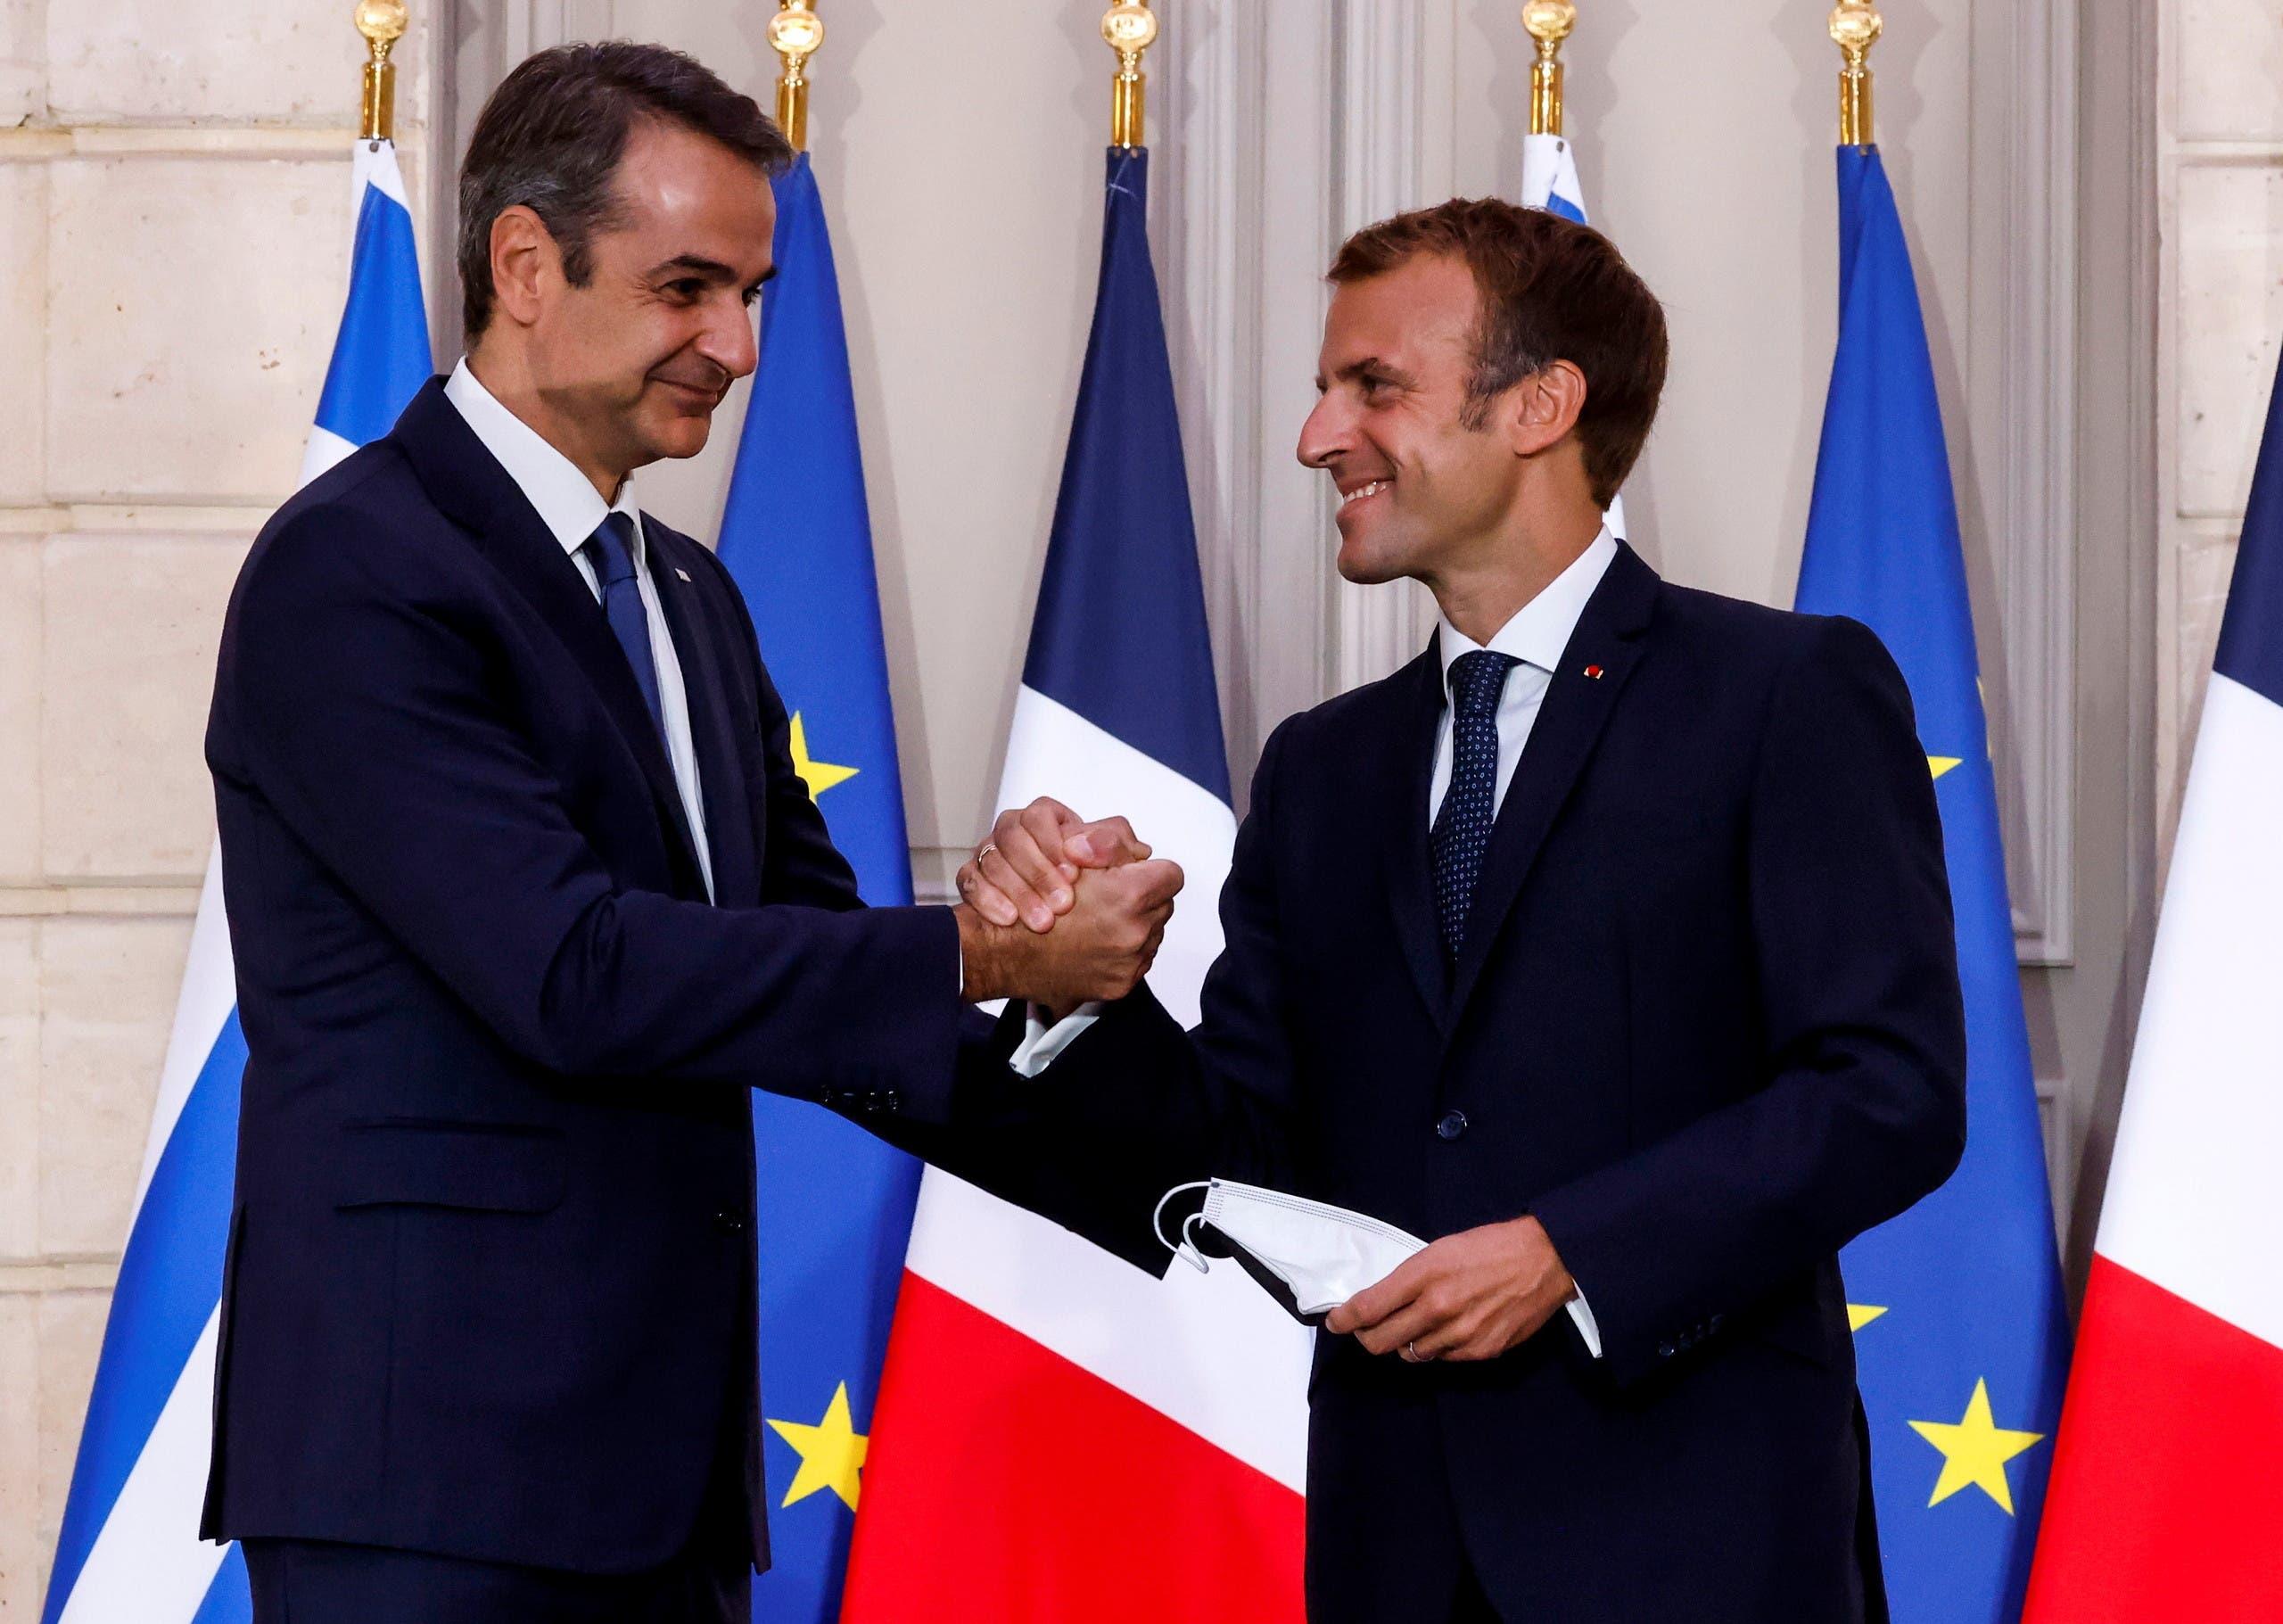 الرئيس الفرنسي إيمانويل ماكرون مع رئيس الوزراء اليوناني كيرياكوس ميتسوتاكيس